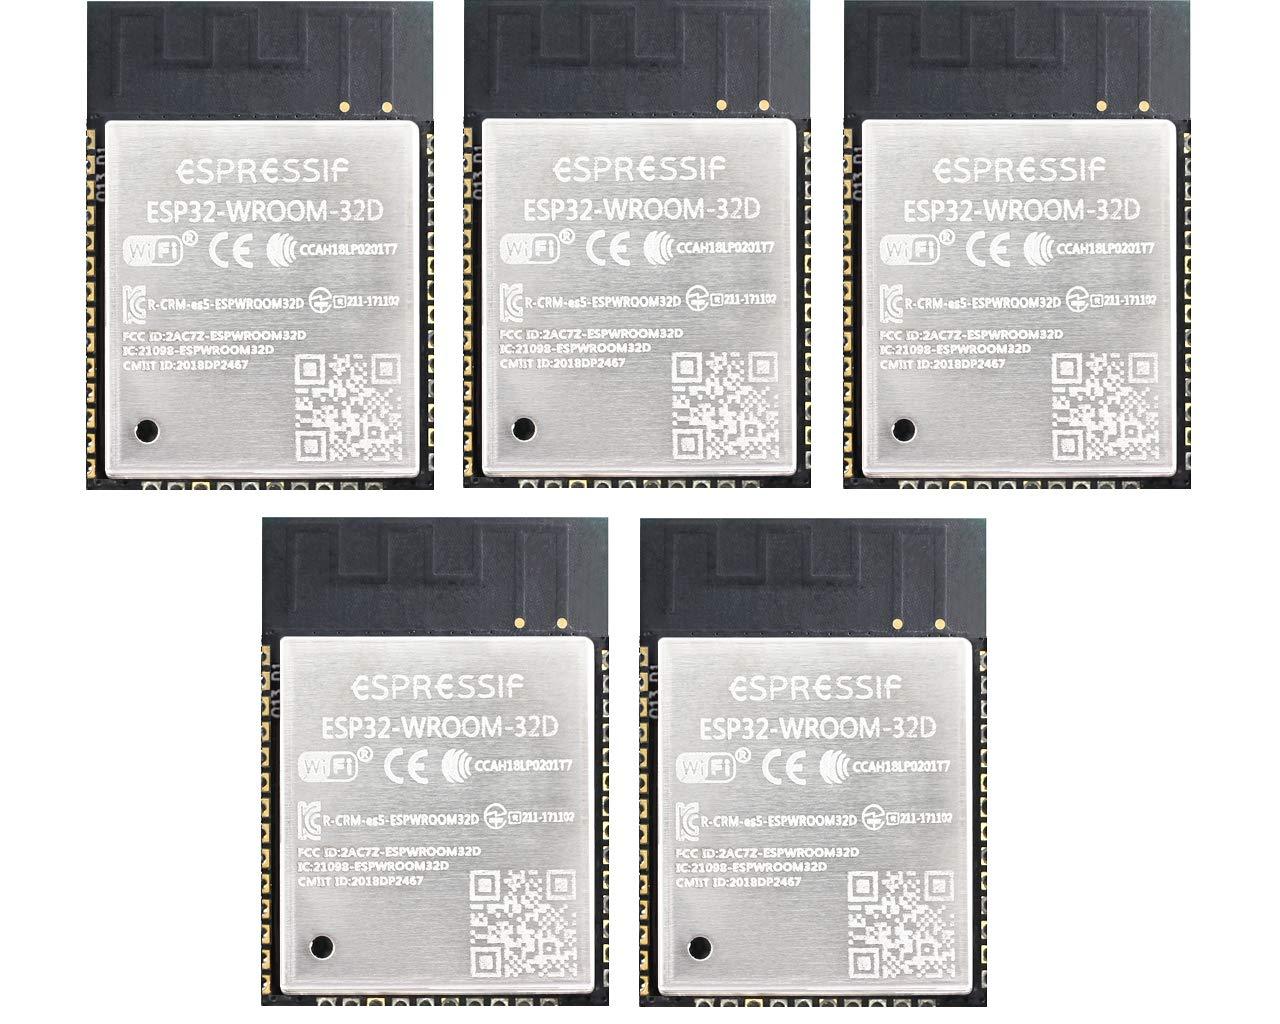 5 Pack Espressif ESP32 IOT ESP-WROOM-32D RLatest Revision